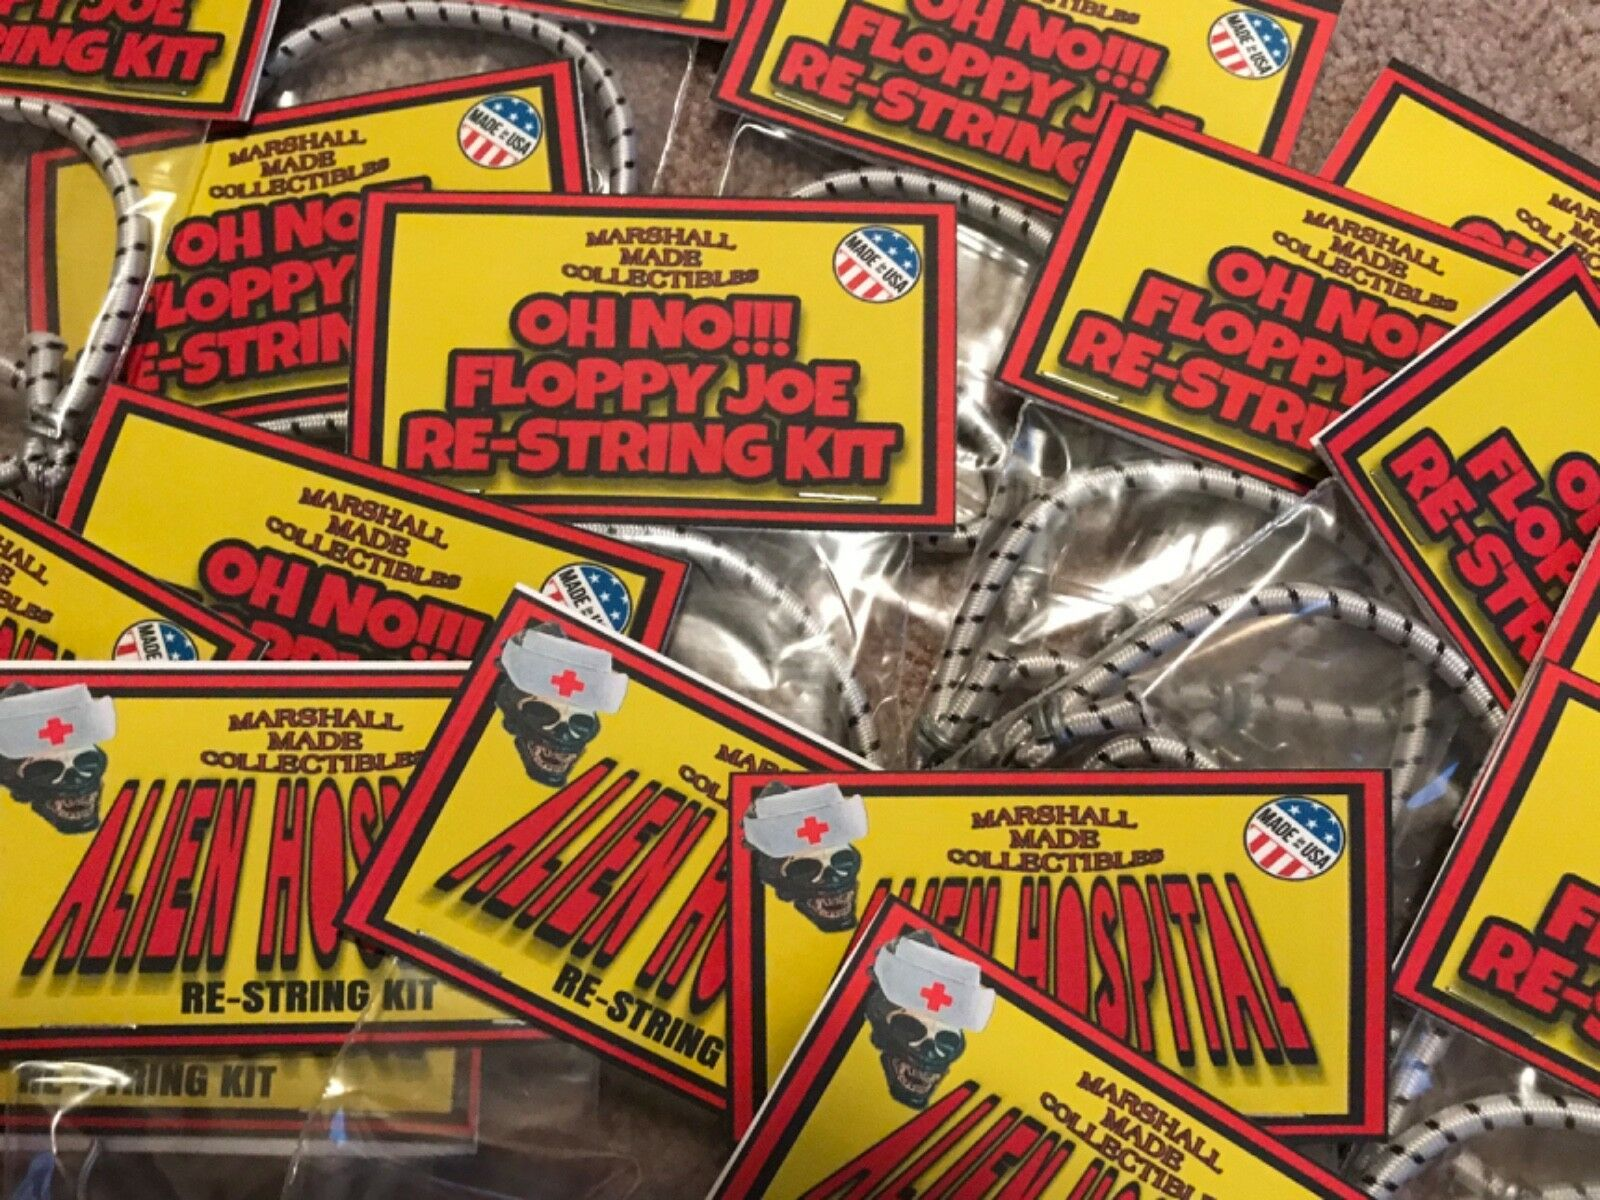 (10 GROUP LOT) Oh Oh Oh No    Floppy Joe Re-String Kits GI JOE ACTION MAN REAL HEROES ddc326